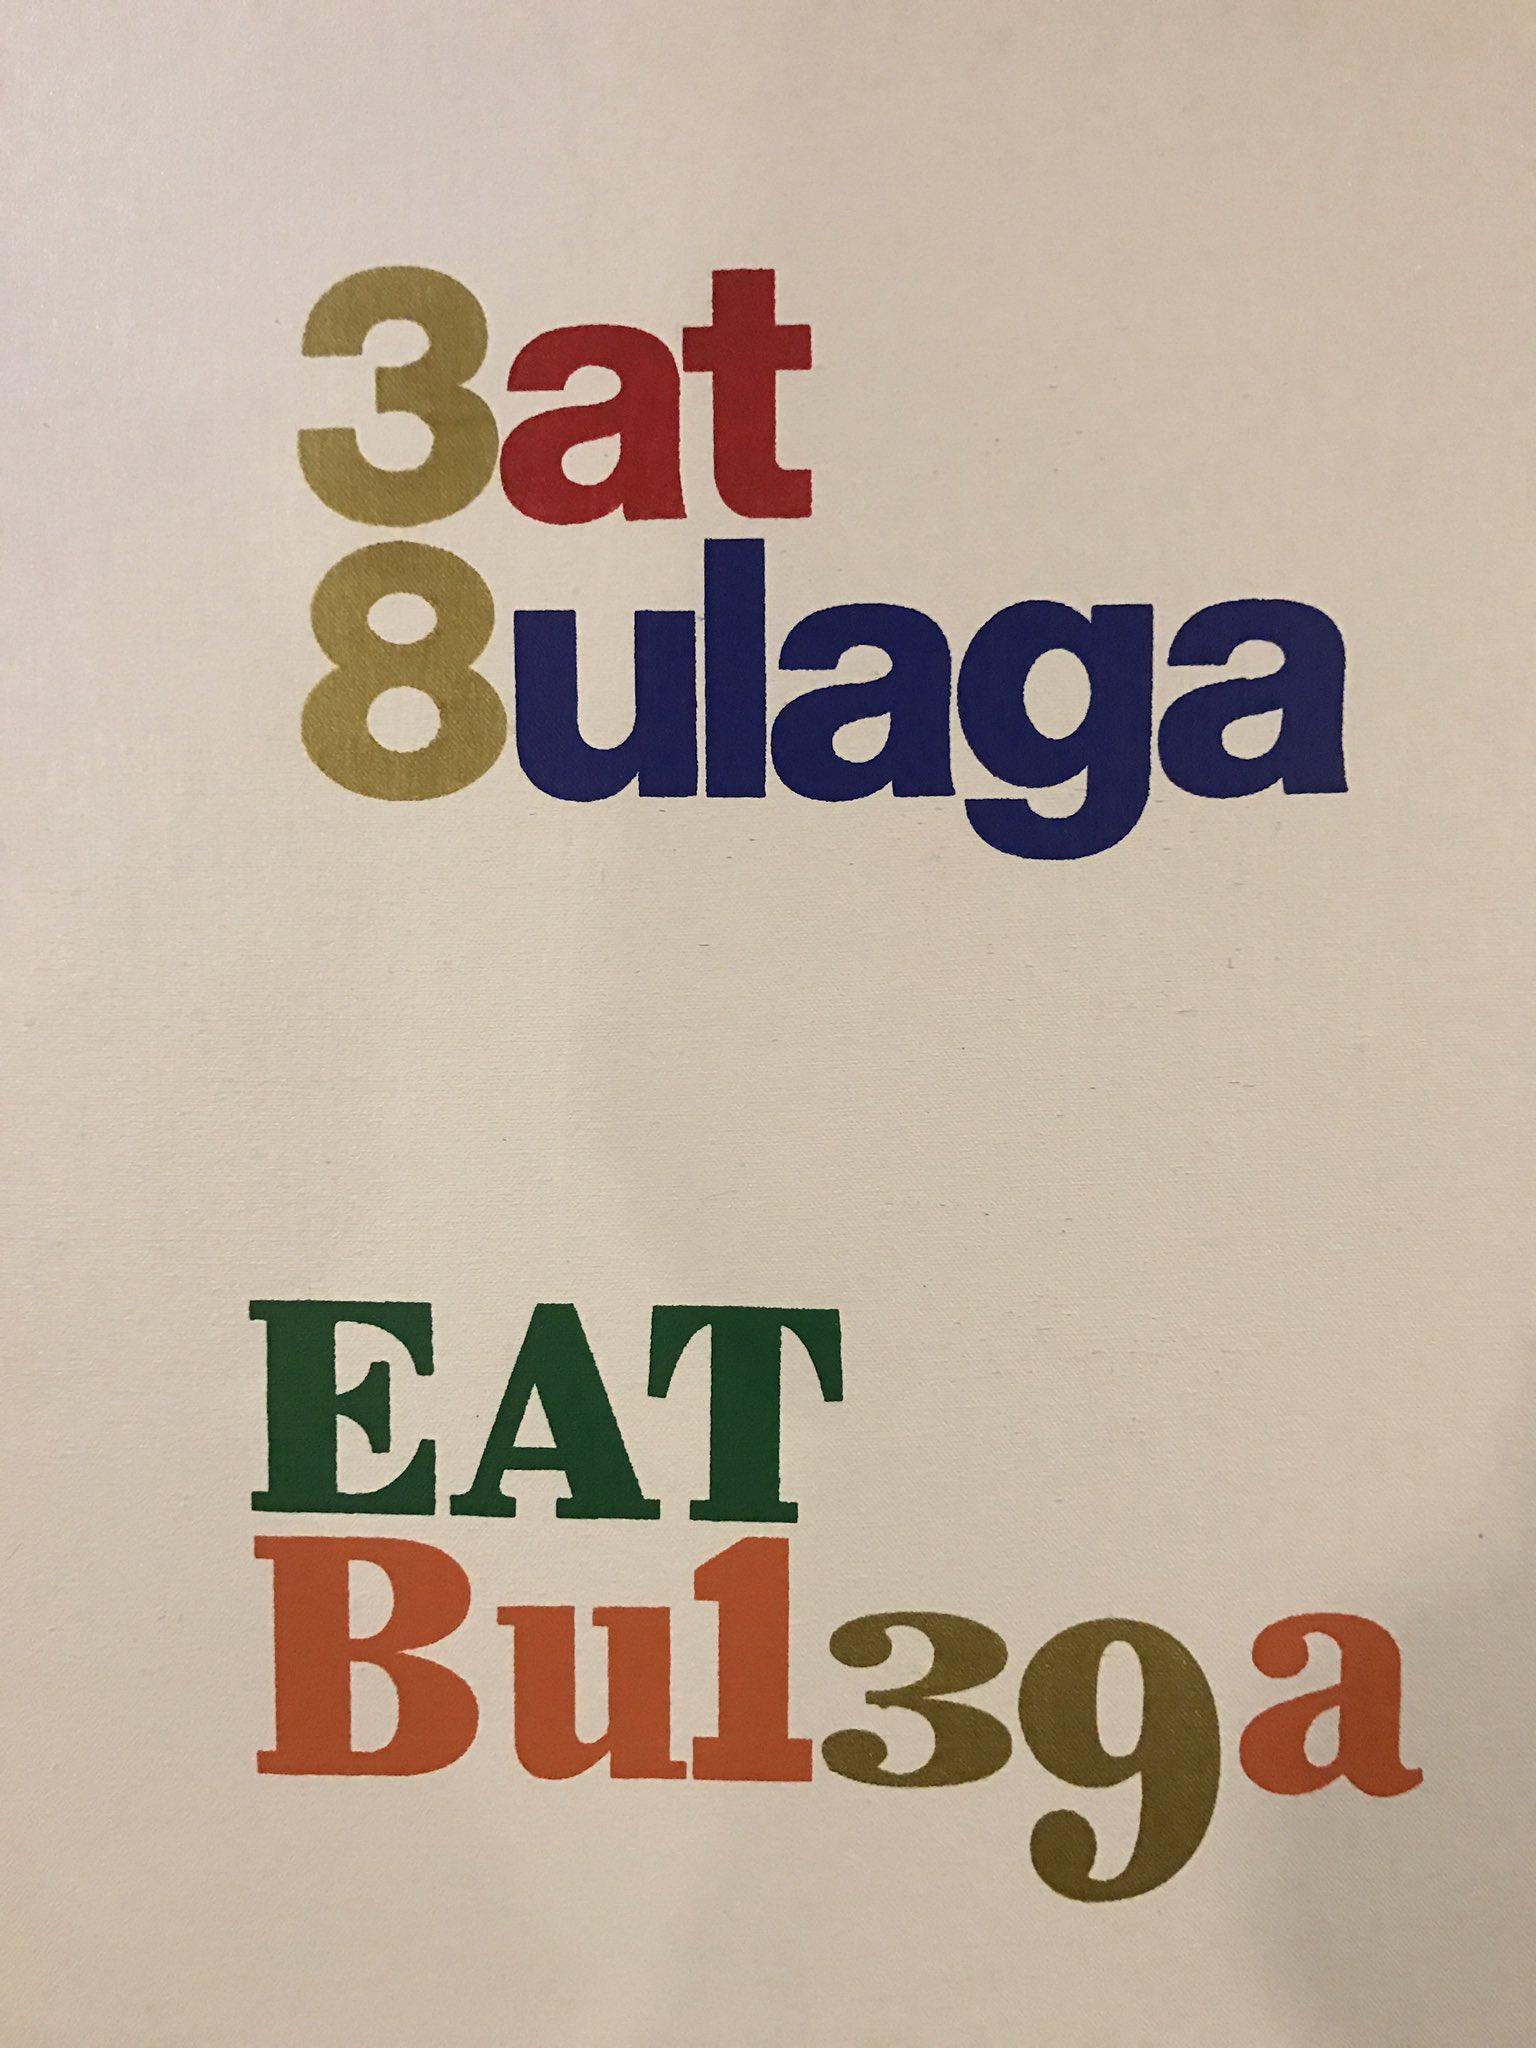 A special birthday card for my brother Tito Escalera. Happy birthday Senator! @EatBulaga https://t.co/lltDwynv5x